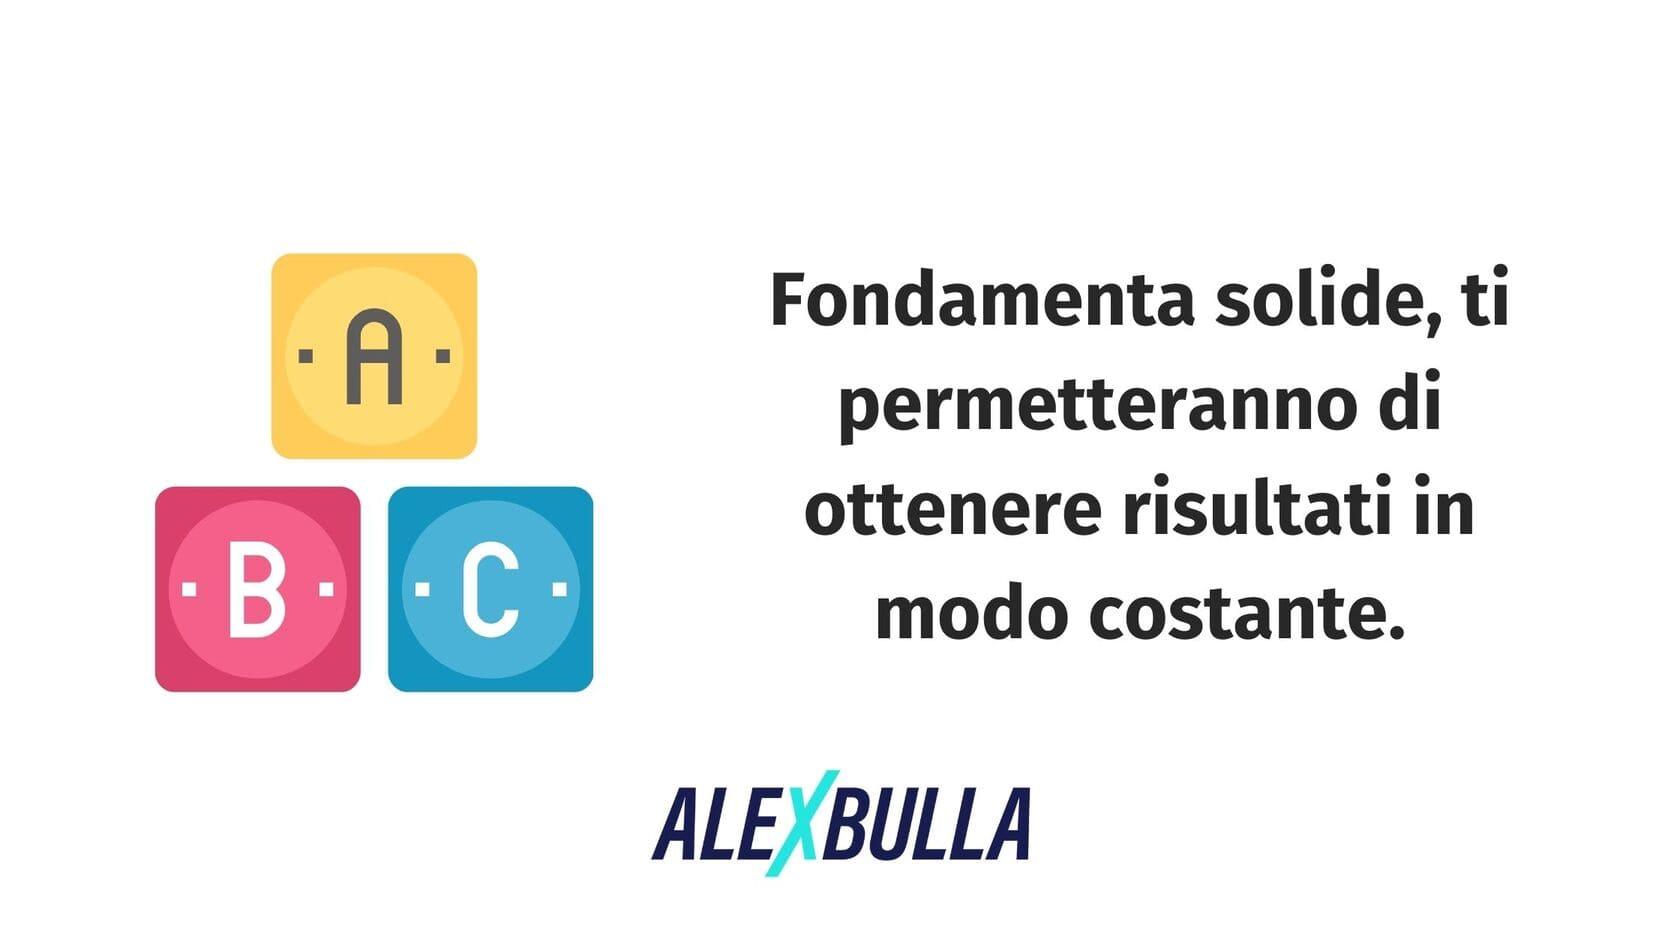 crea fondamenta solide (2)